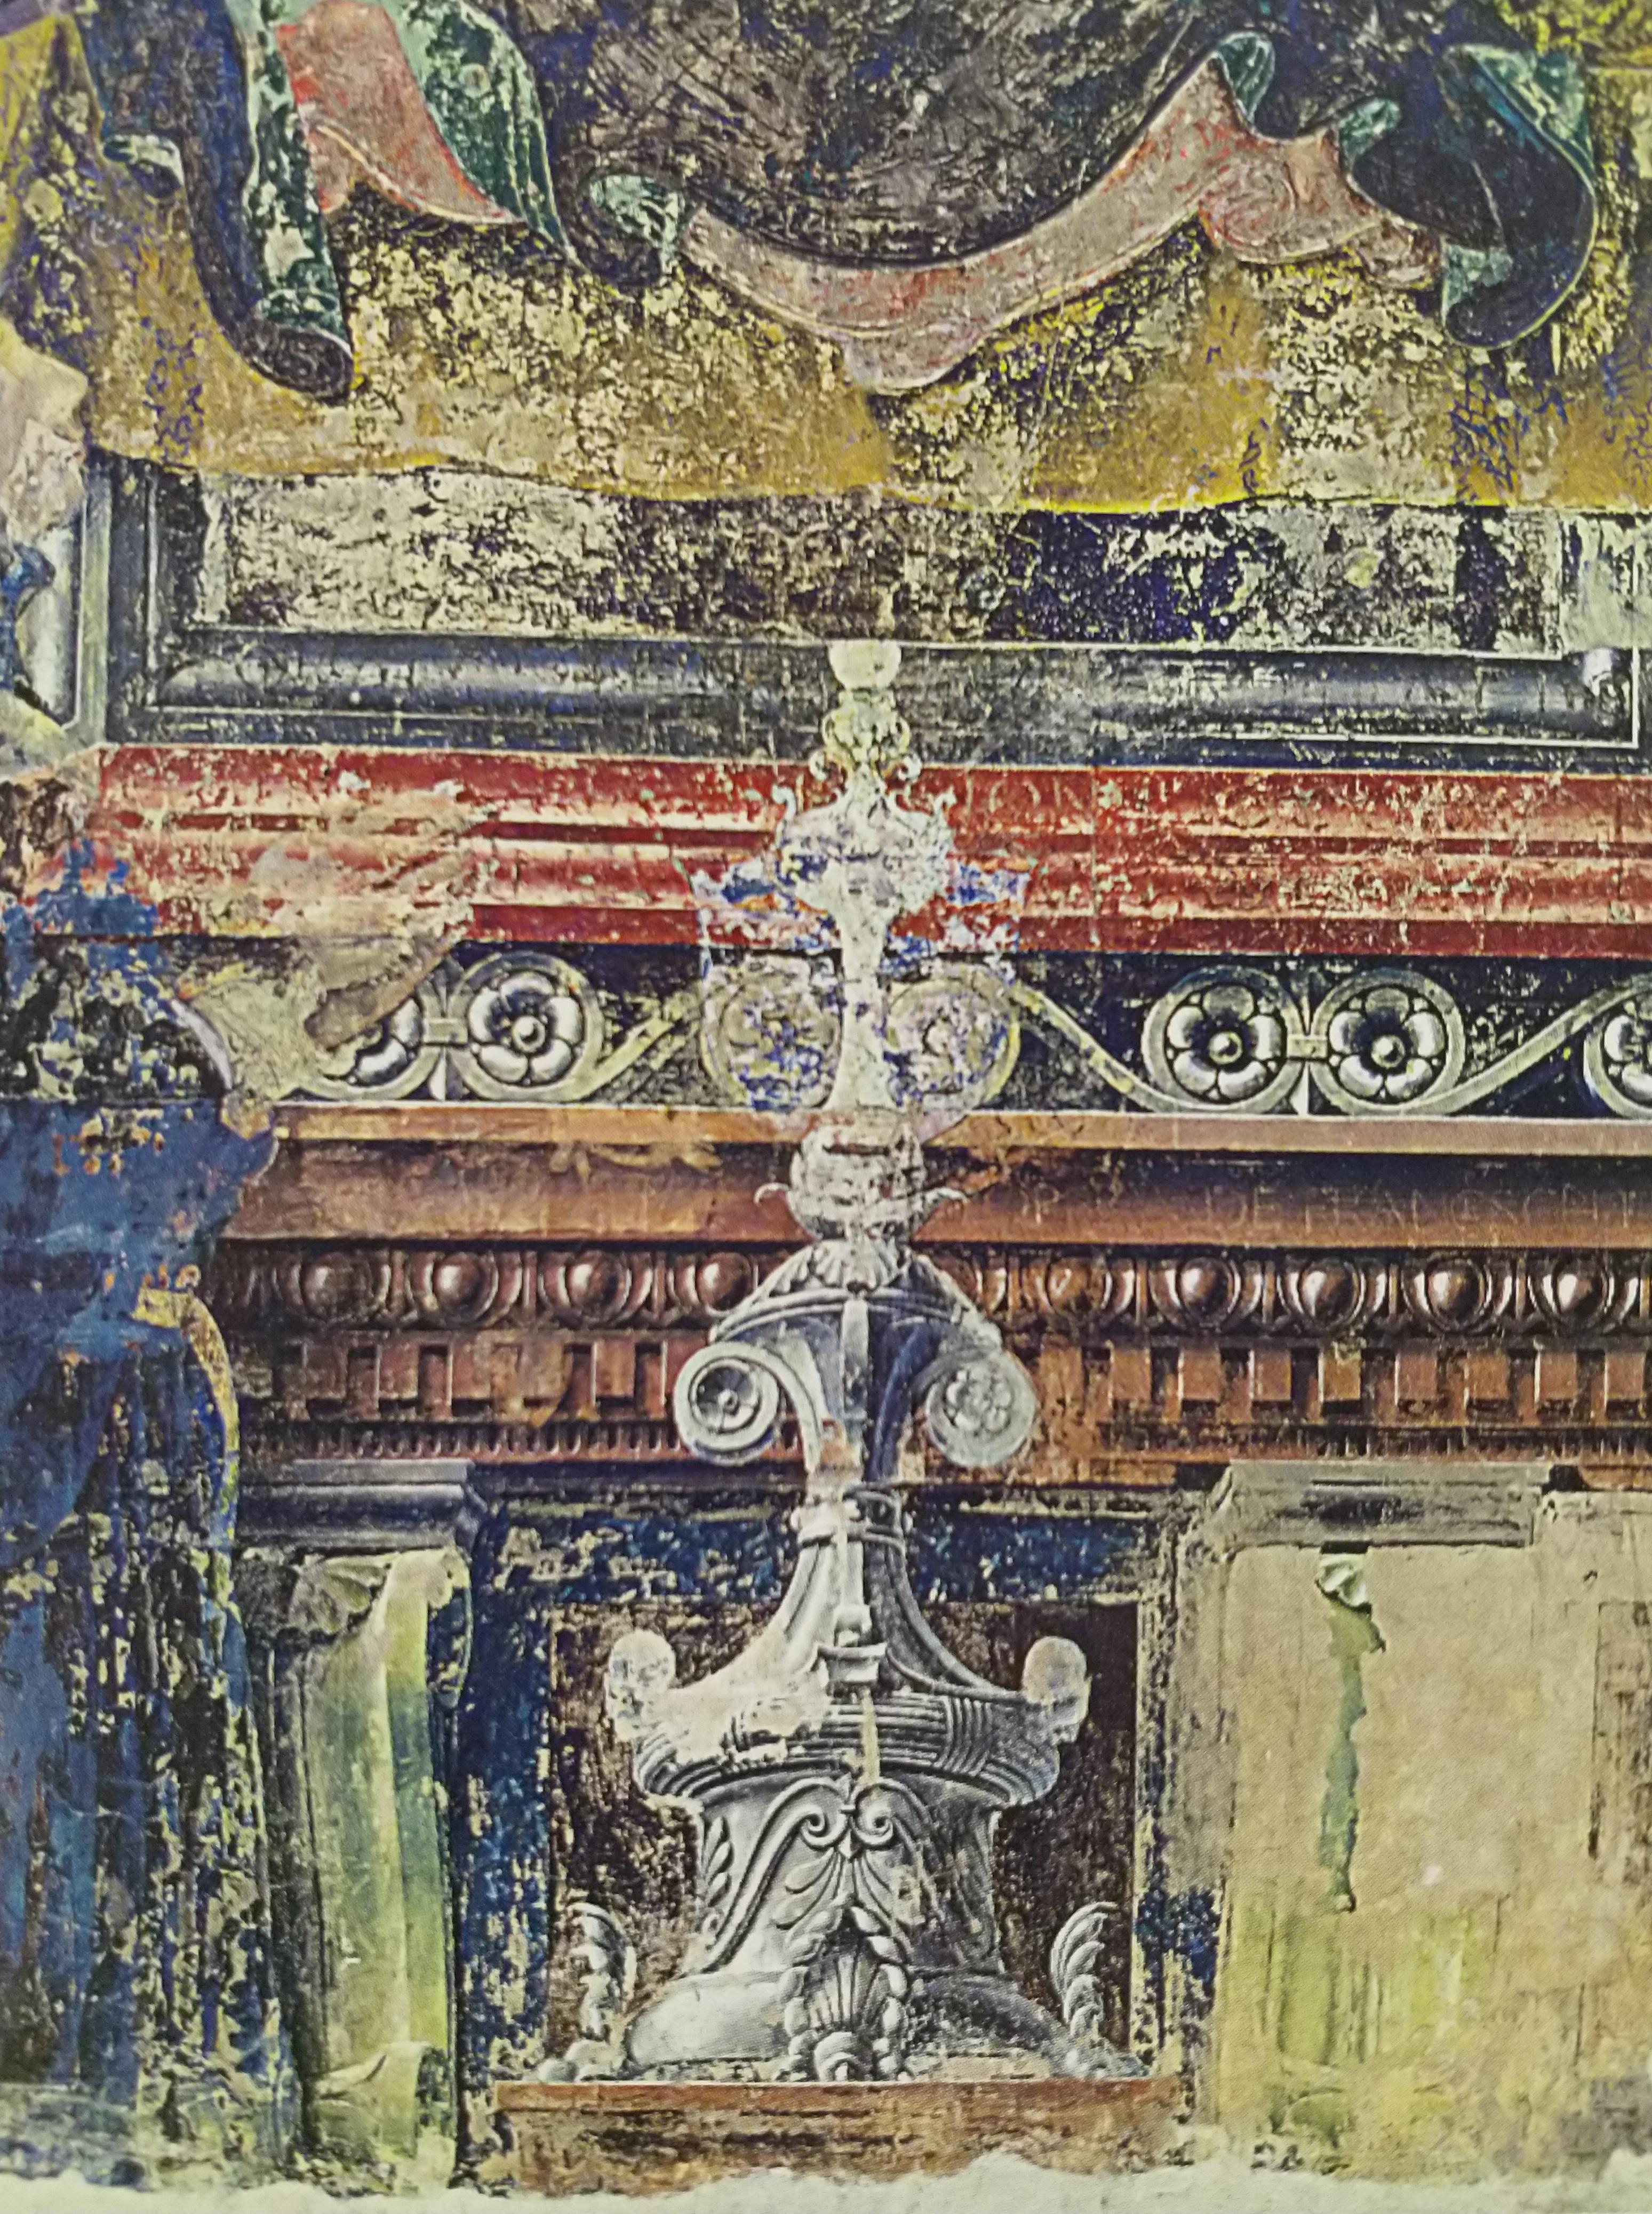 1472 francesco-cossa-madonna-del-baraccano chiesa del baraccano Bologne detail ostensoir